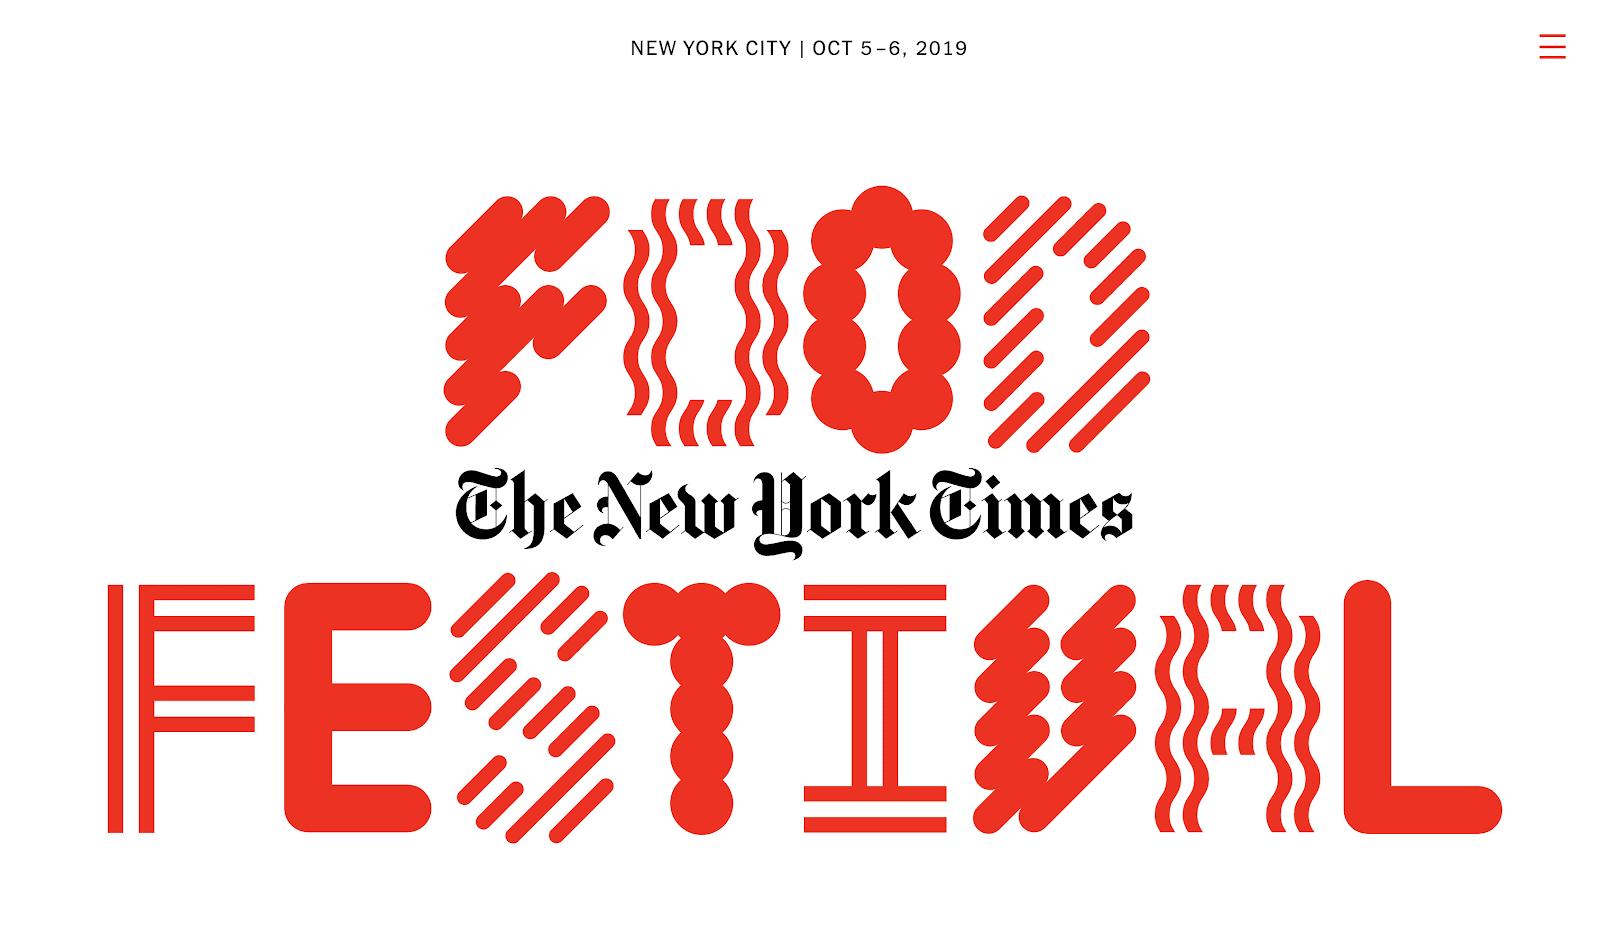 Las 7 tendencias de diseño web que han triunfado este 2020: Tipografía